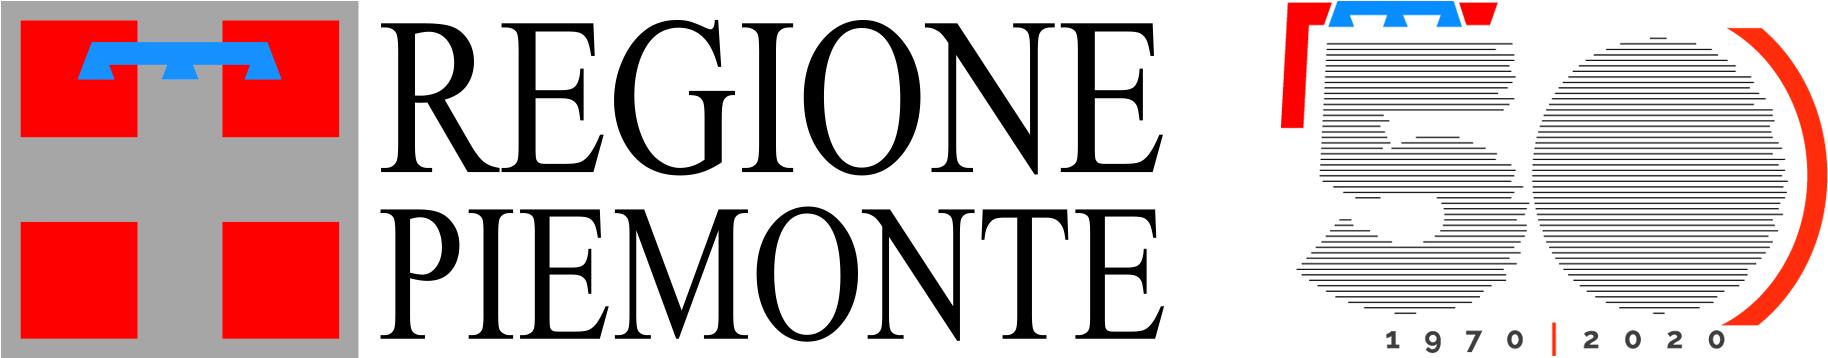 RegionePiemonte_Logo_solo_50anni